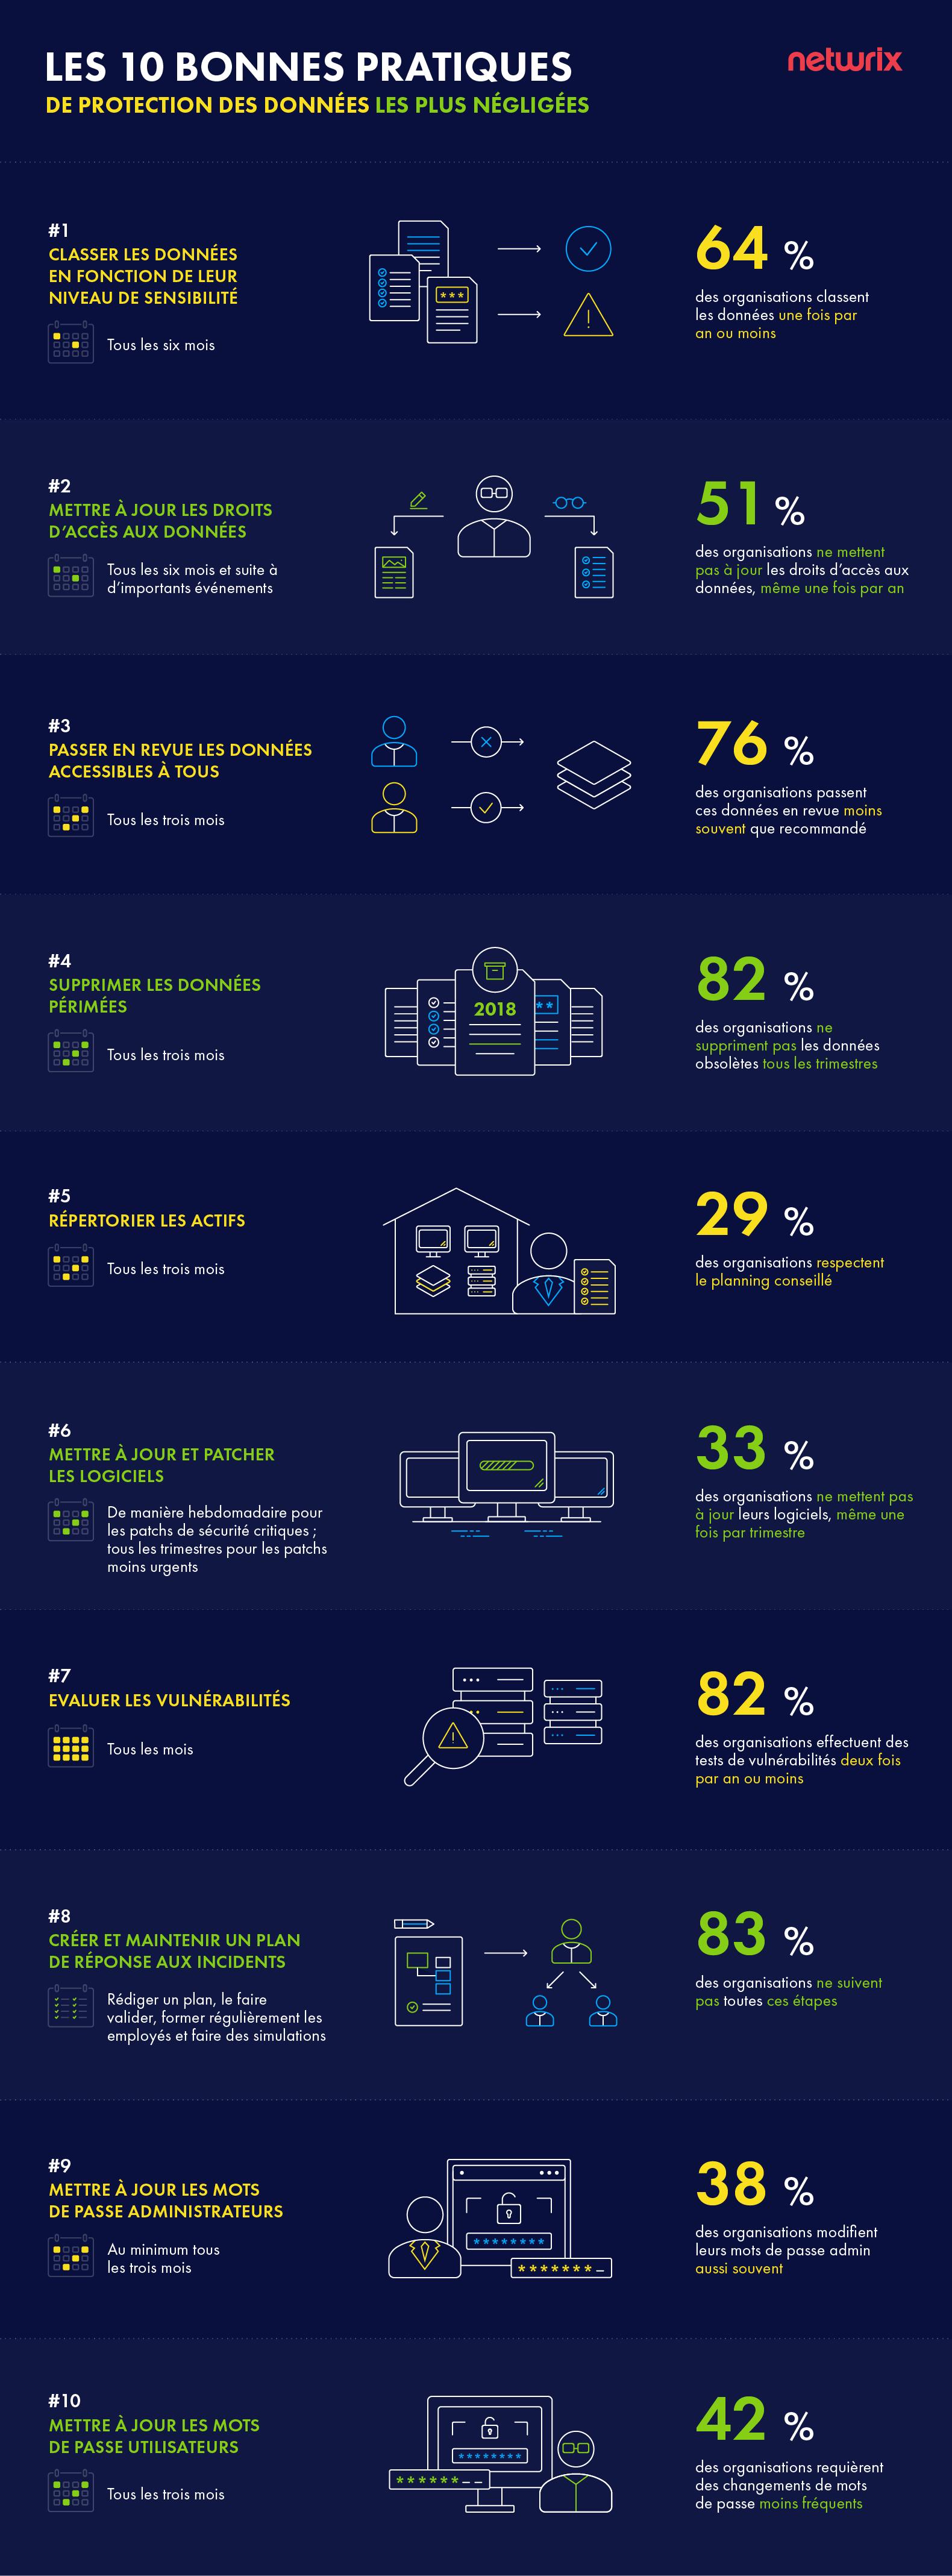 Sécurité des données - les 10 pratiques les plus négligées par les entreprises